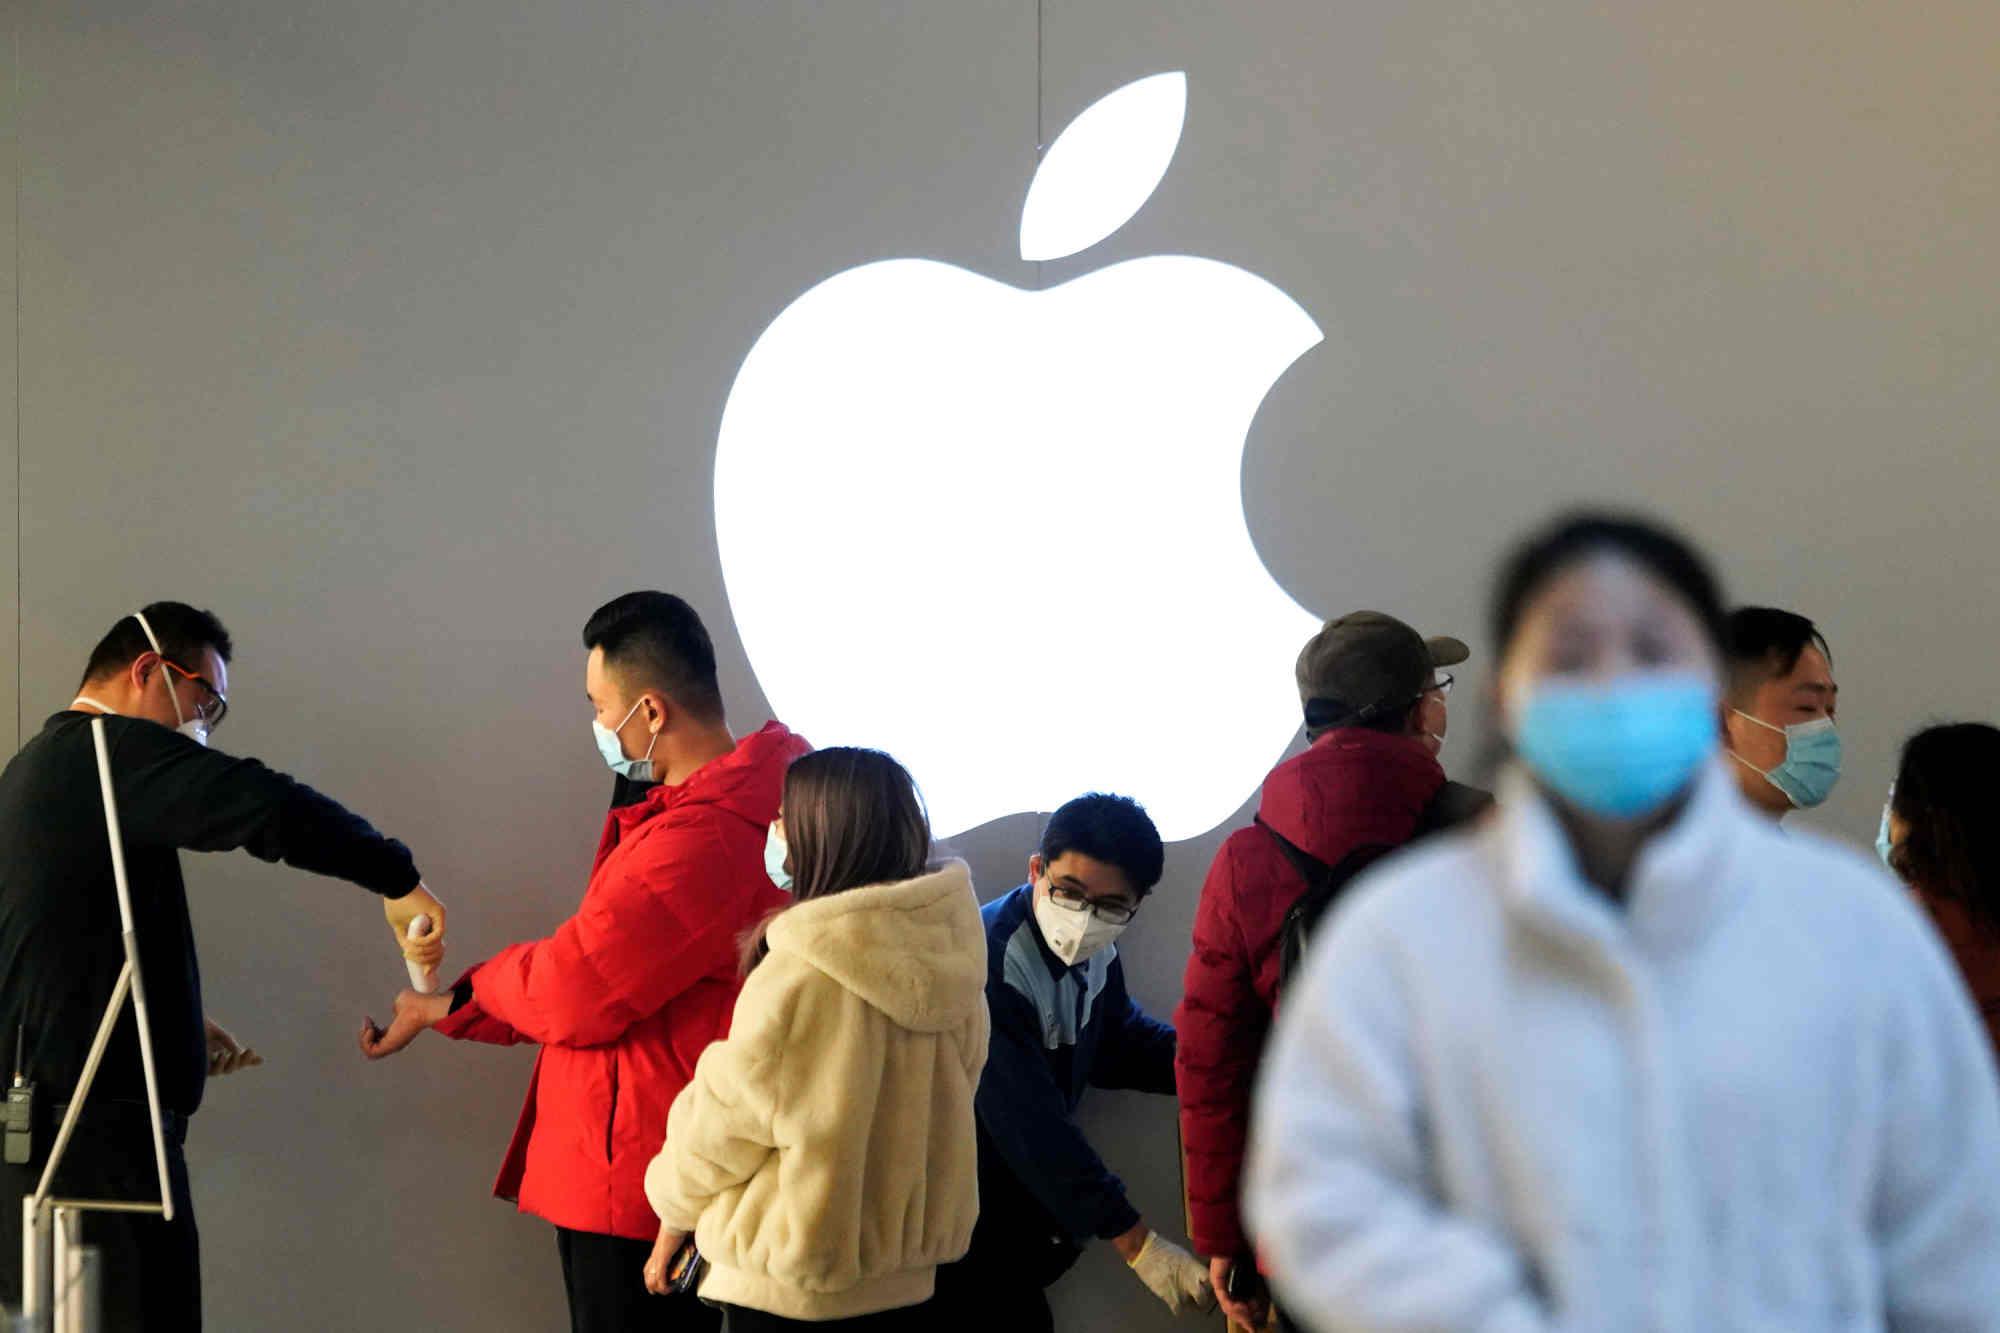 iPhone đã đánh mất biểu tượng của đẳng cấp xã hội ở Trung Quốc như thế nào?